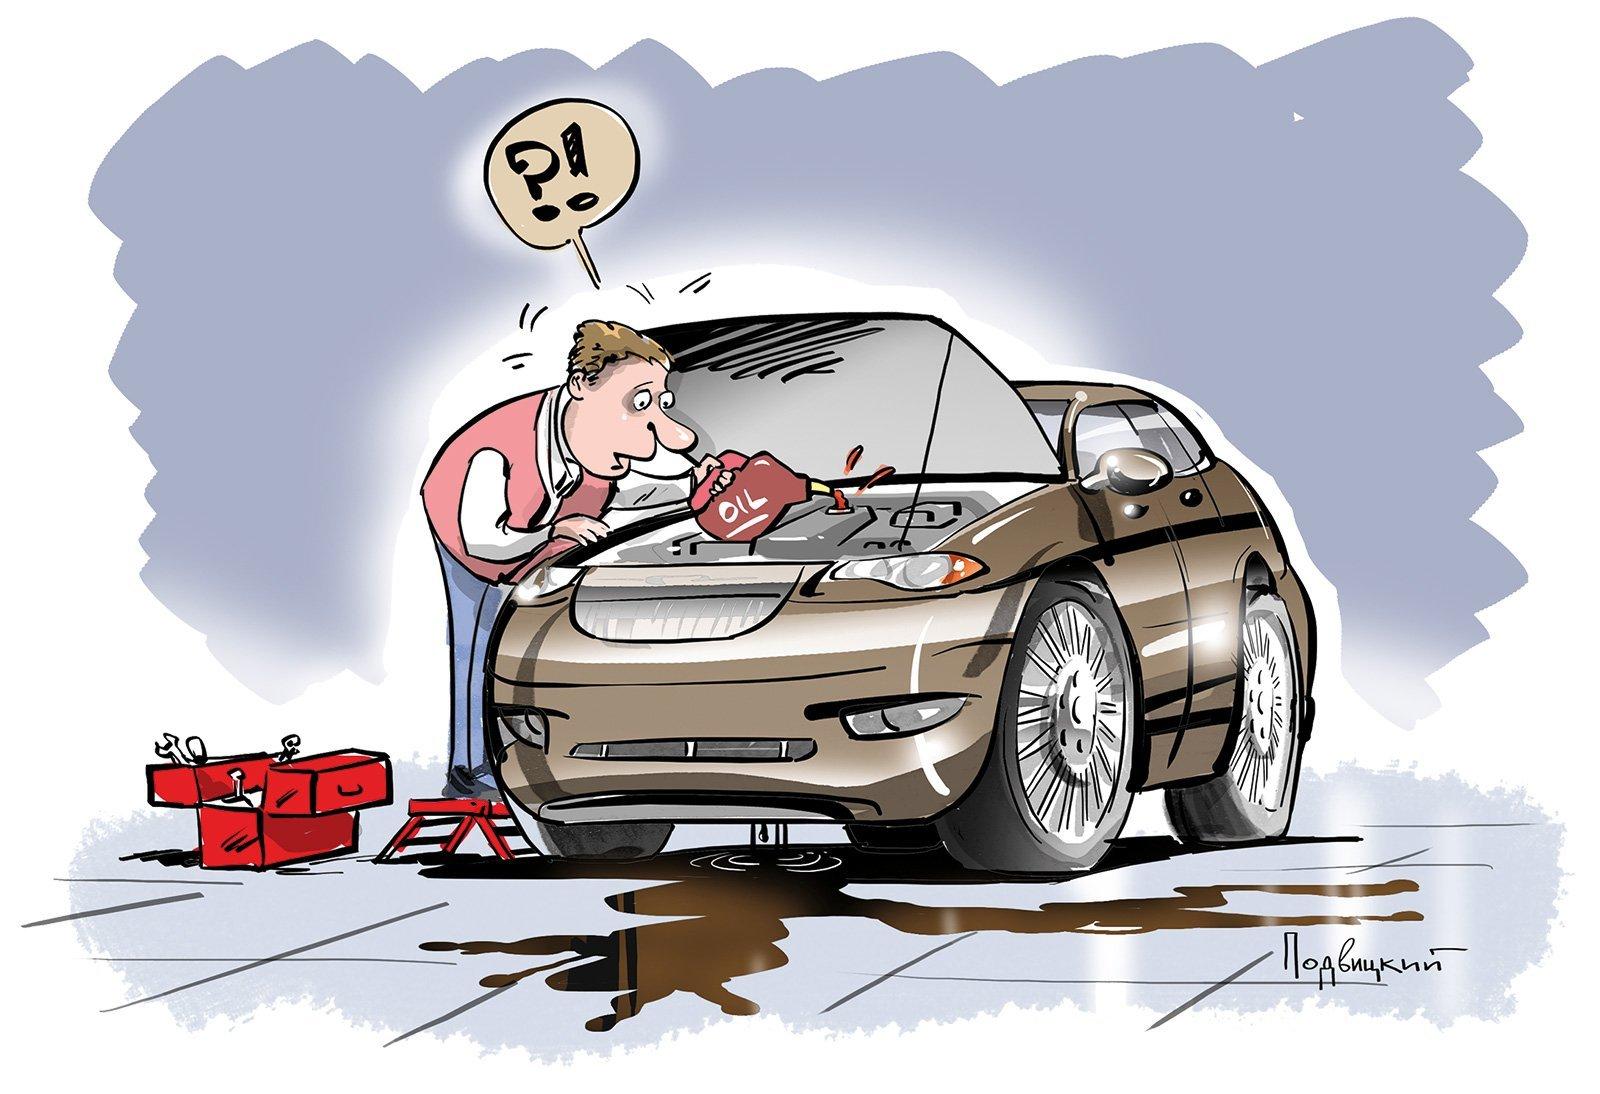 Решил сам заменить масло и едва не угробил двигатель: рассказываю, как так получилось